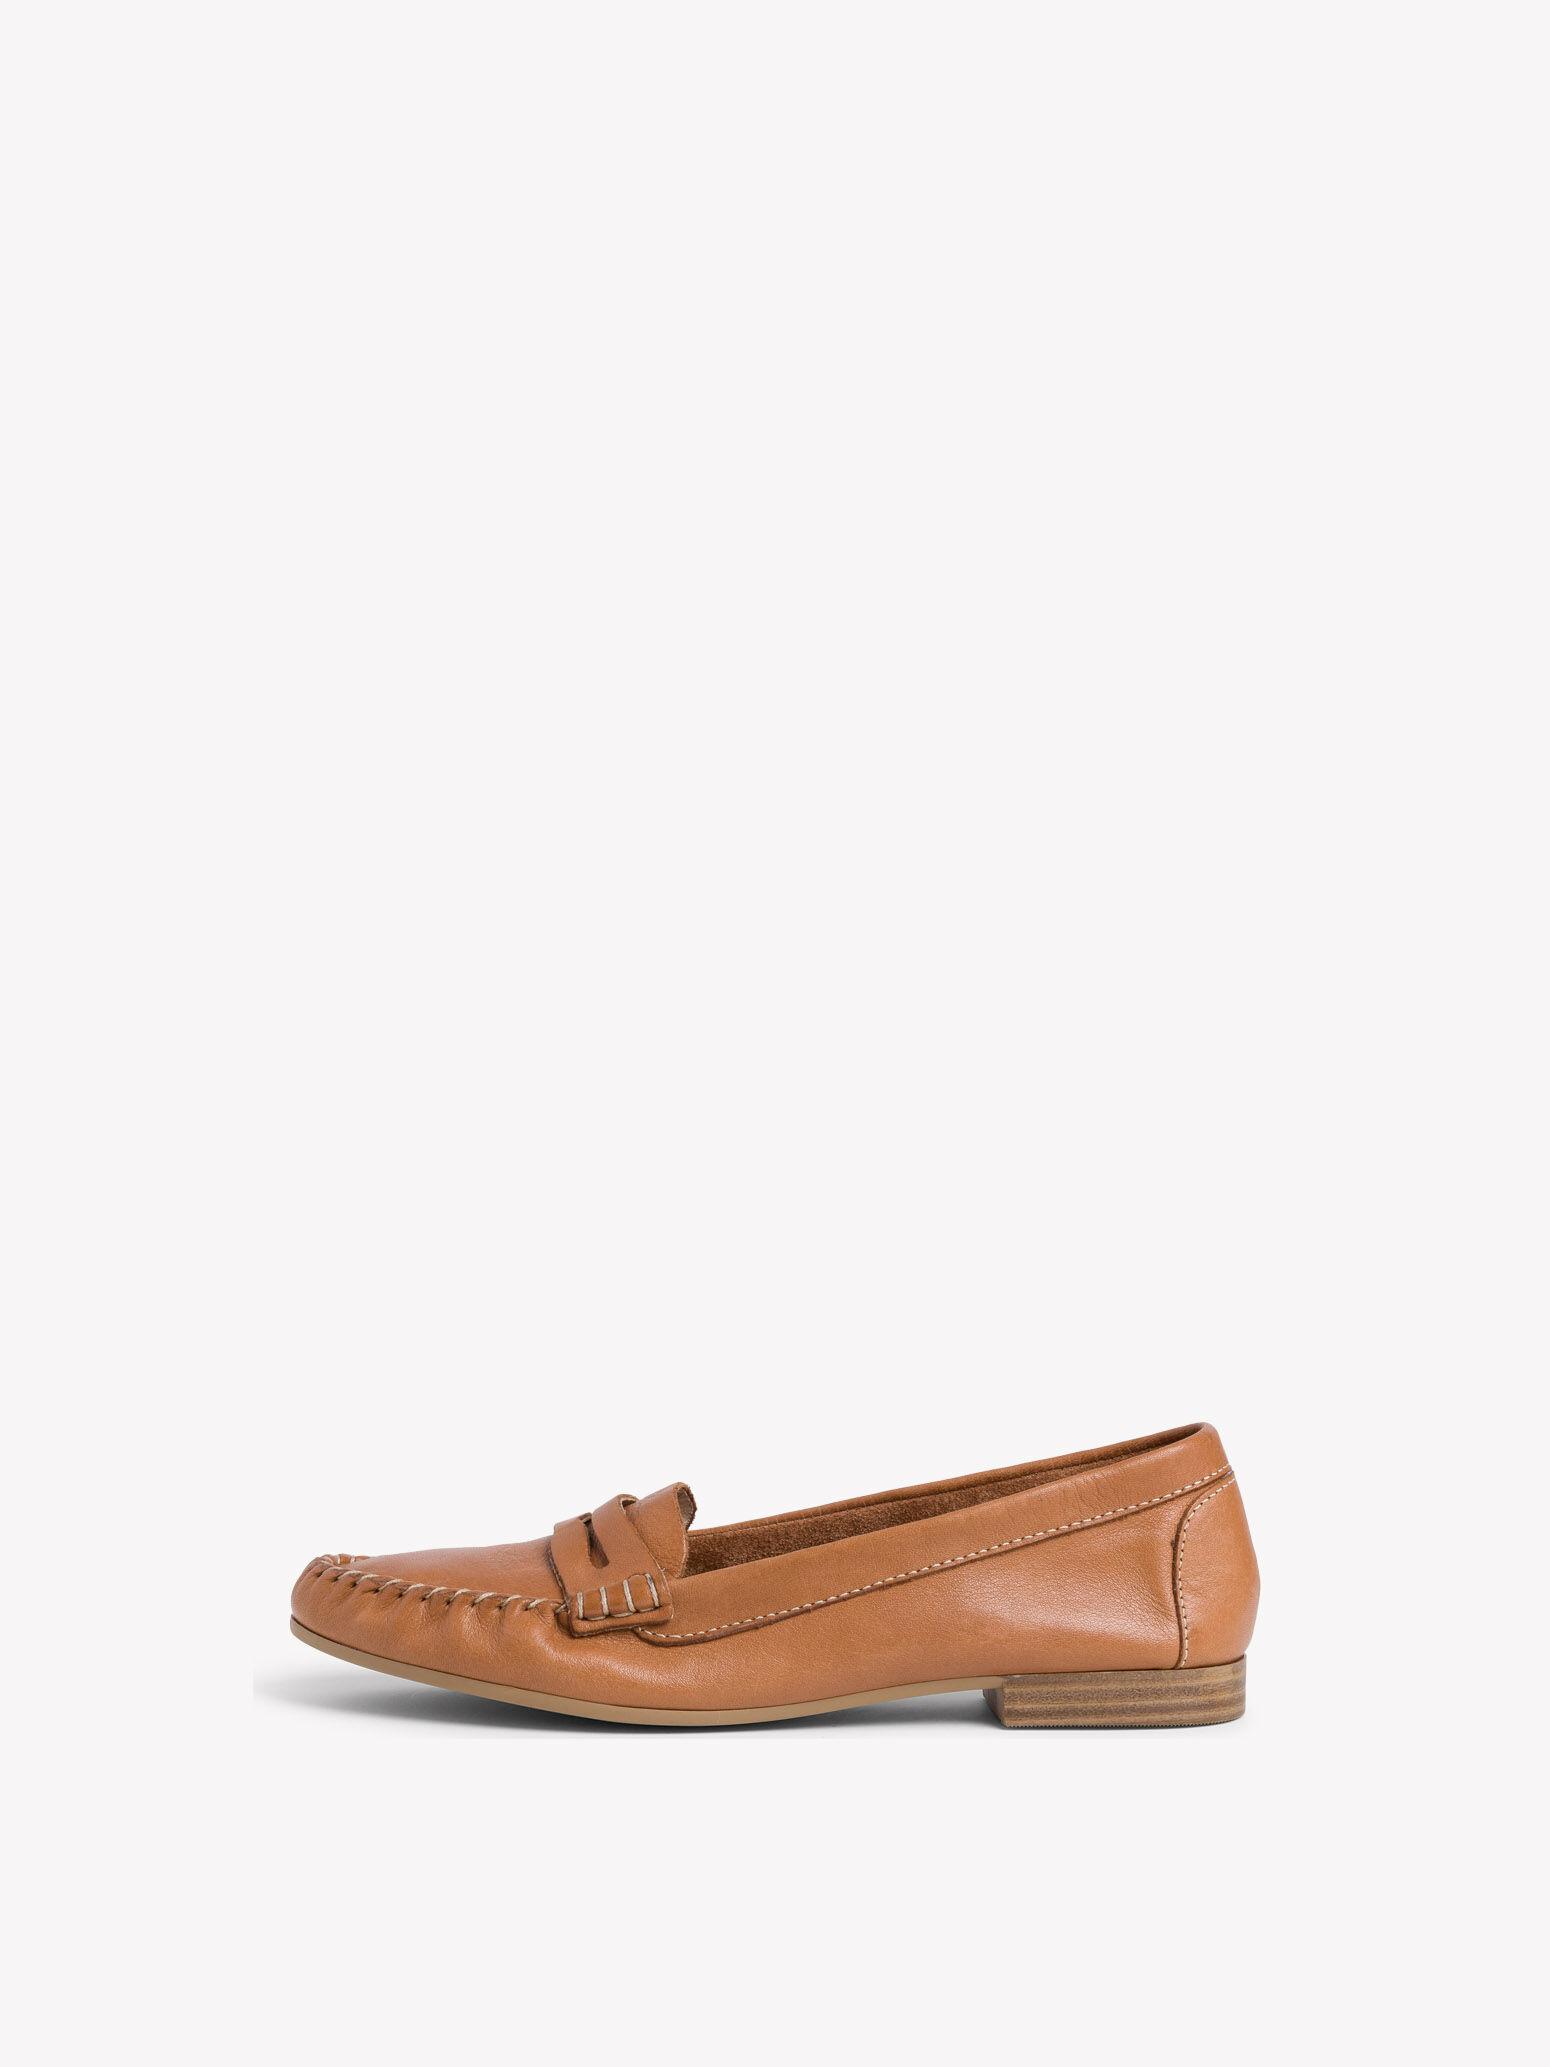 Bootsschuhe für Damen online kaufen Tamaris Schuhe